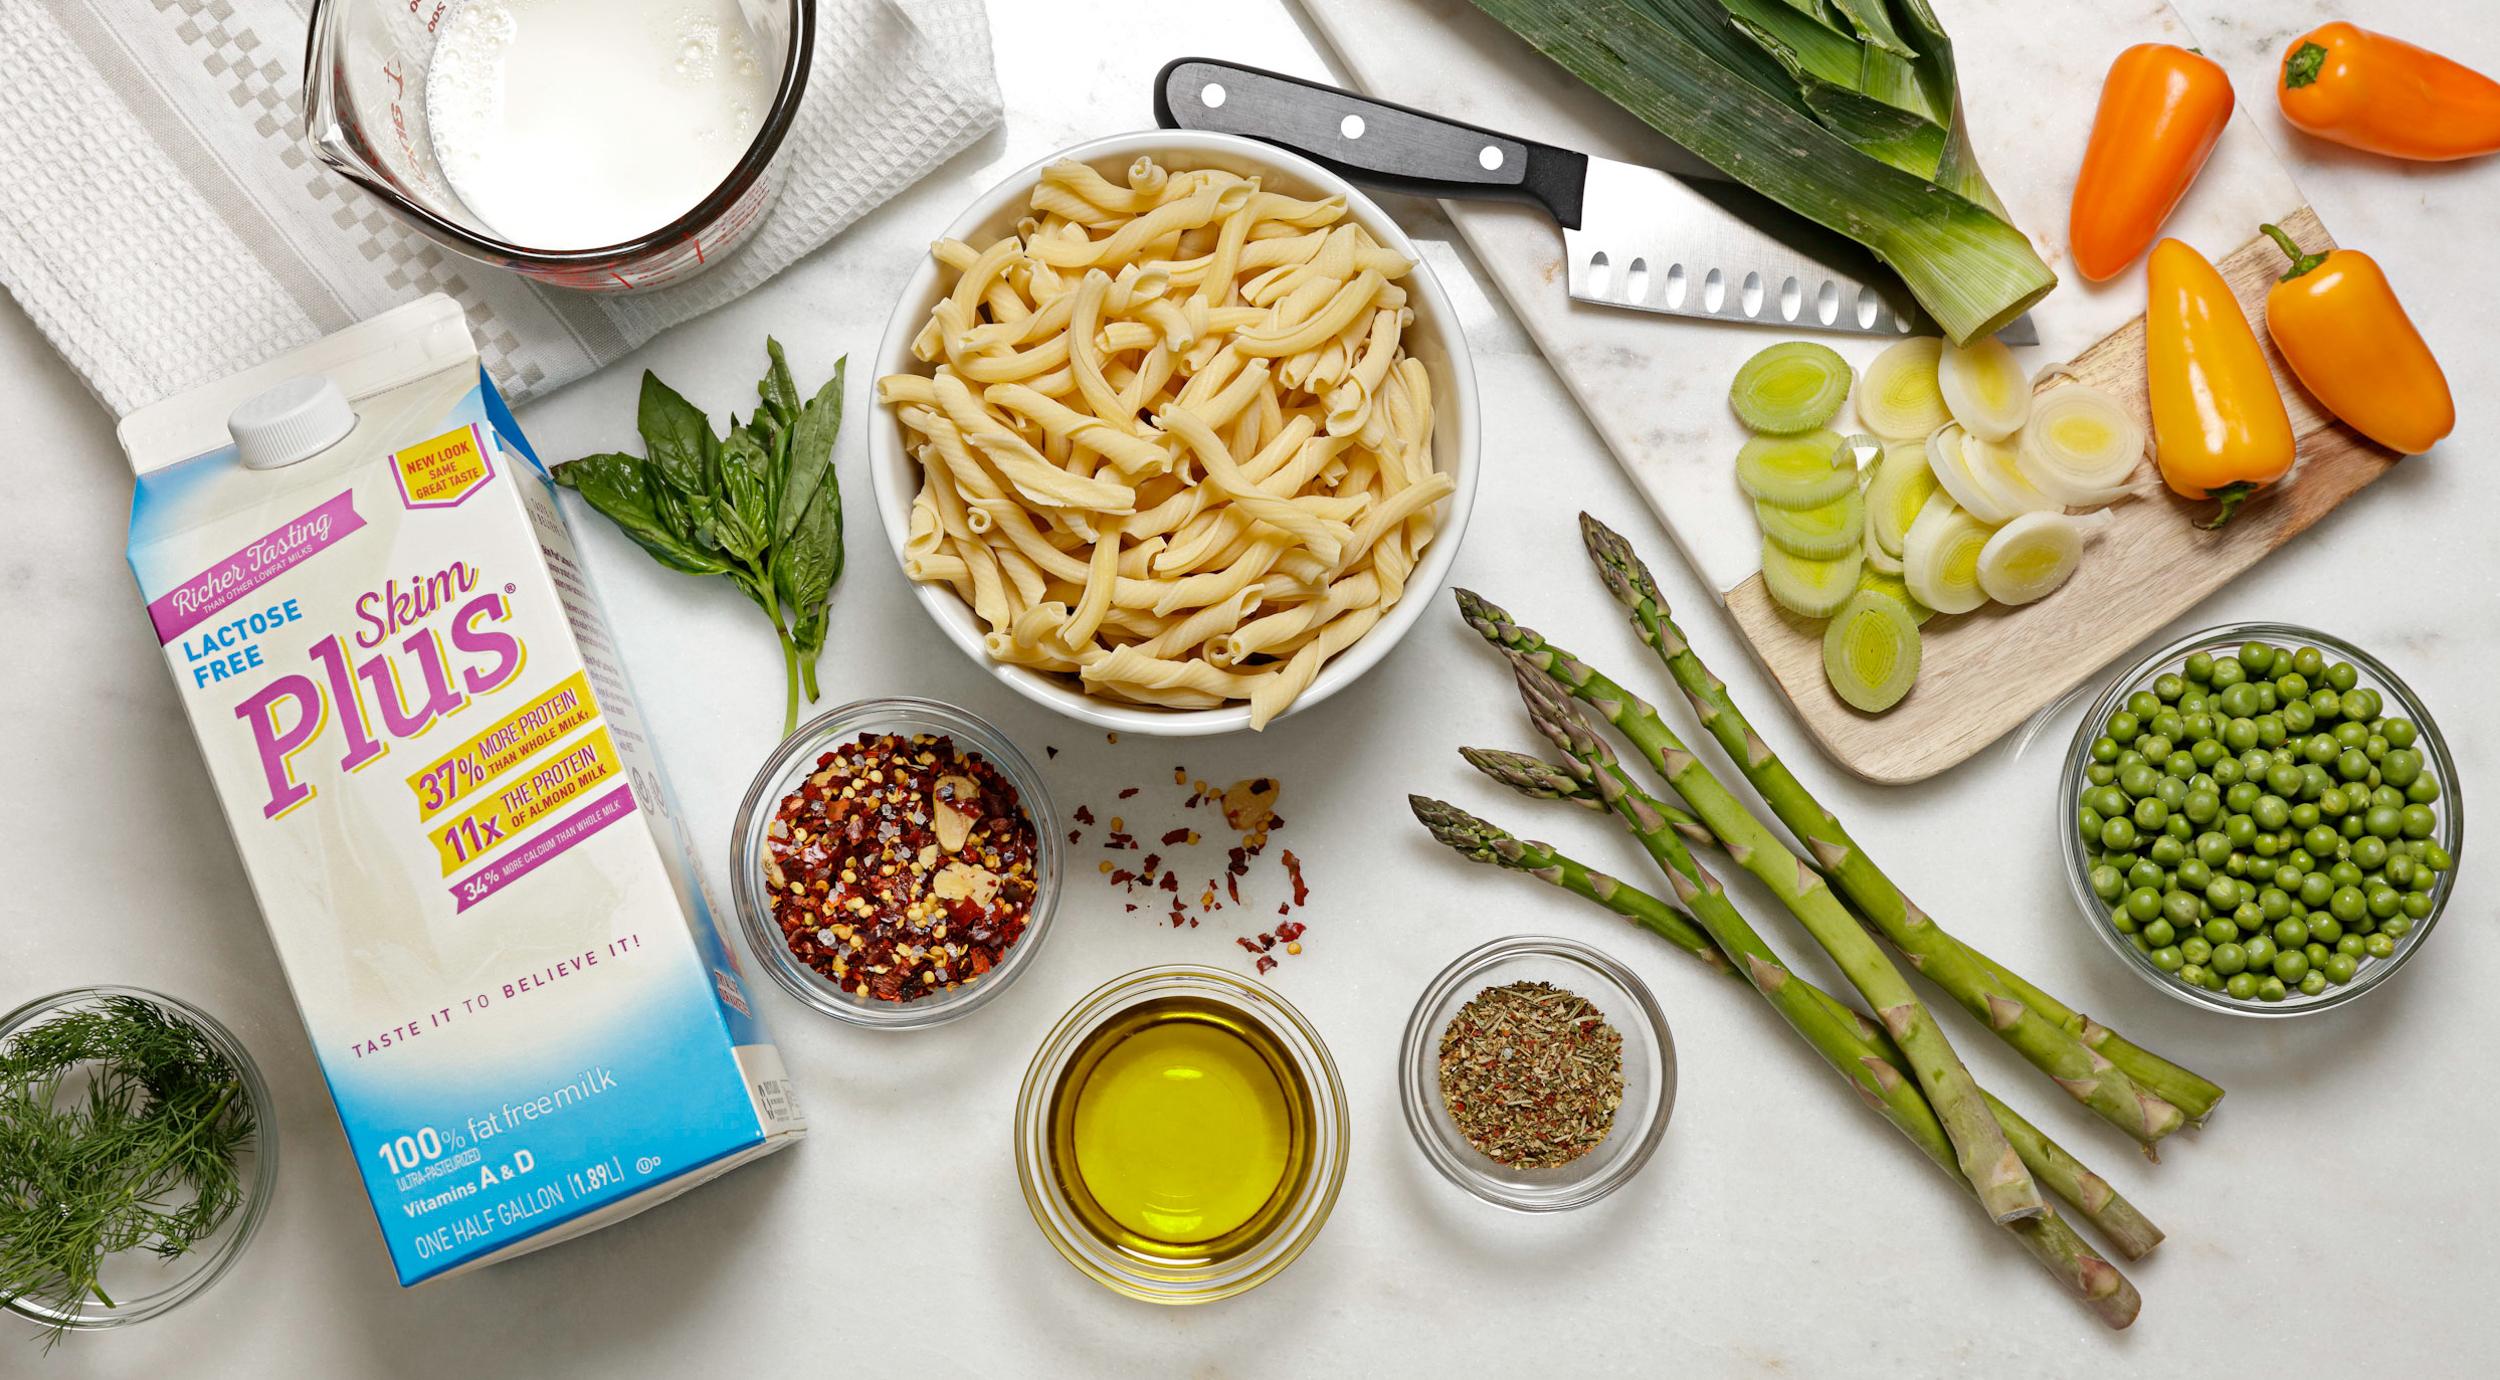 Skim Plus Pasta Sauce Ingredients